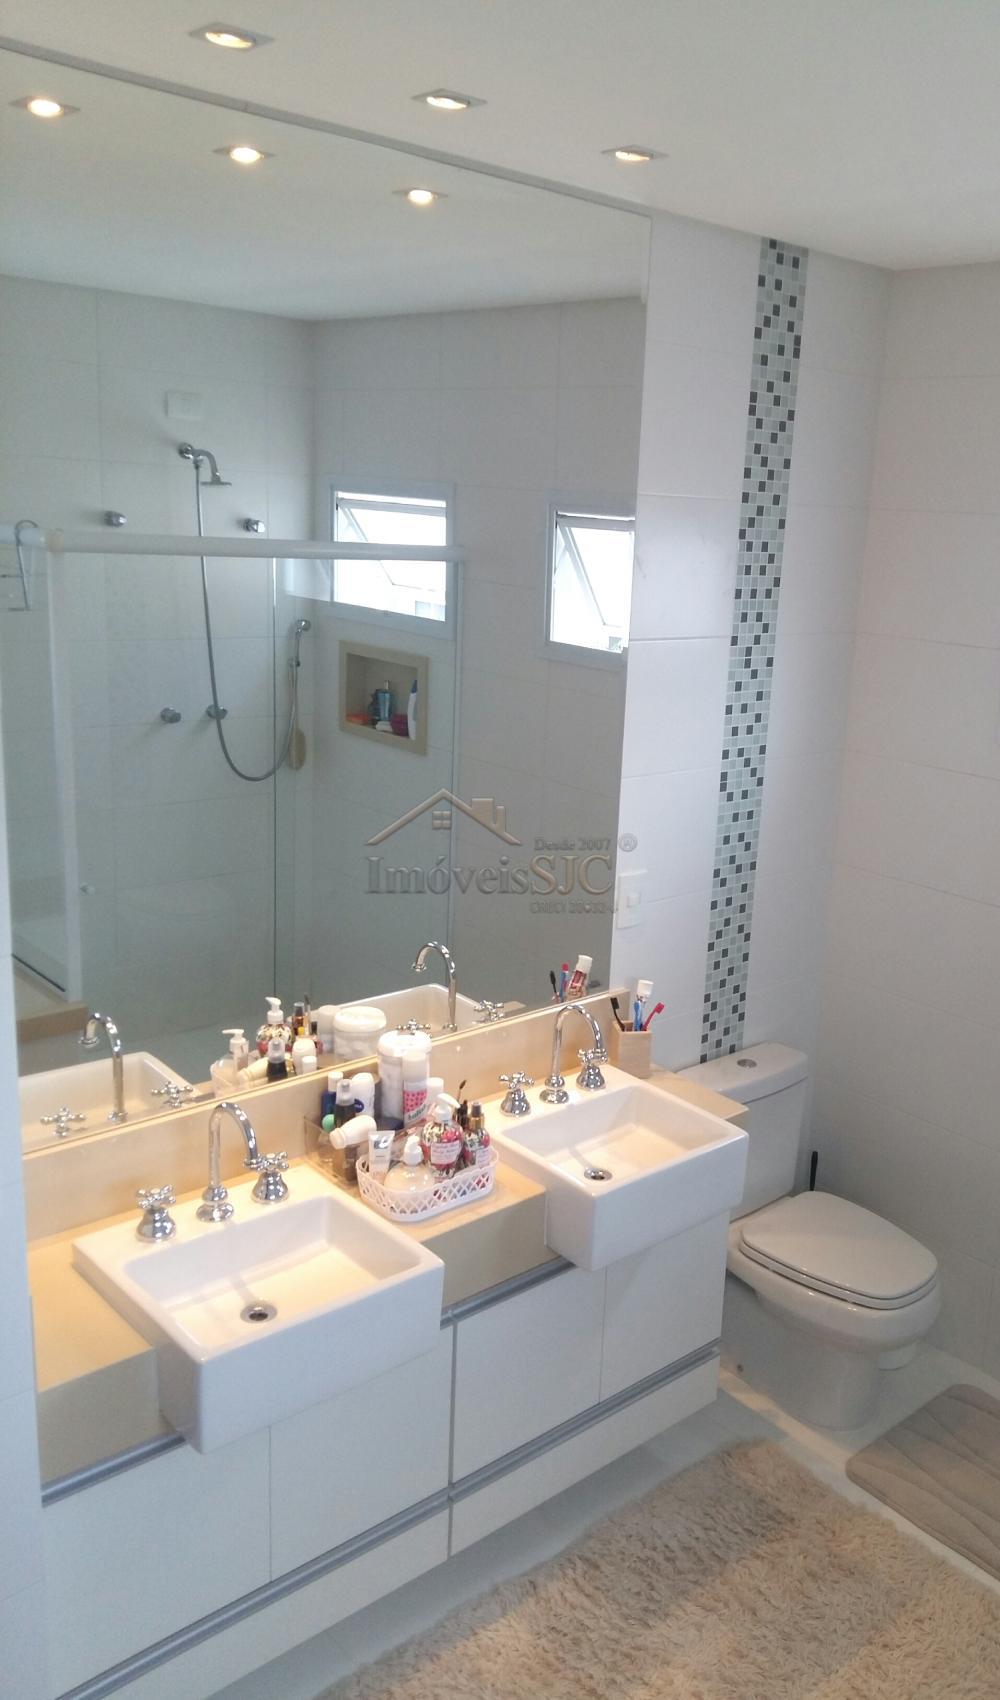 Alugar Casas / Condomínio em São José dos Campos apenas R$ 4.500,00 - Foto 10